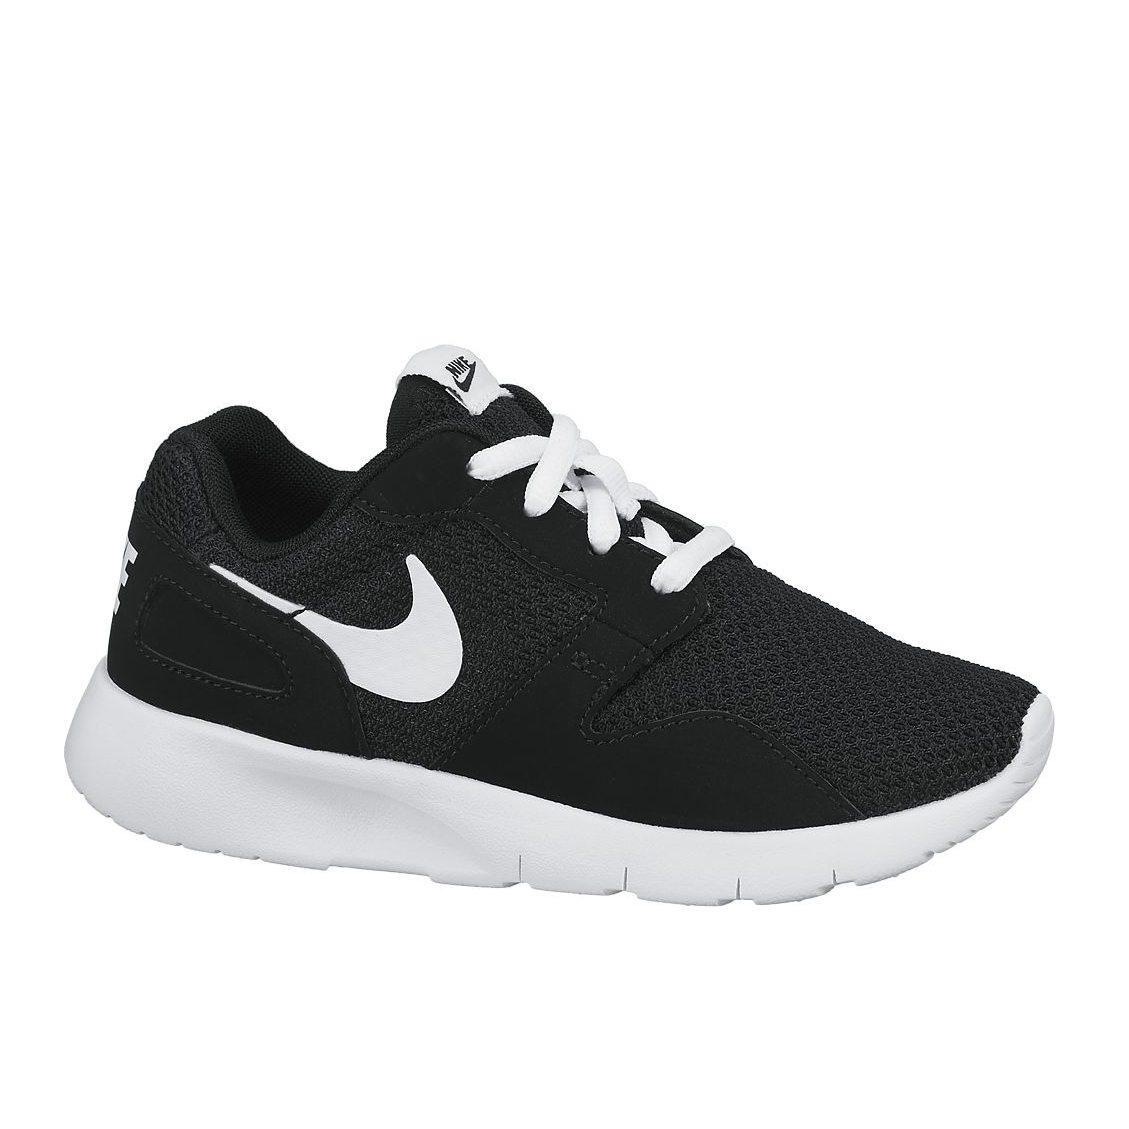 best service 44634 7b750 uttak på salg Buskerud 2014 Nike Free Run 3 Svart Sko Salg For Barn,nike